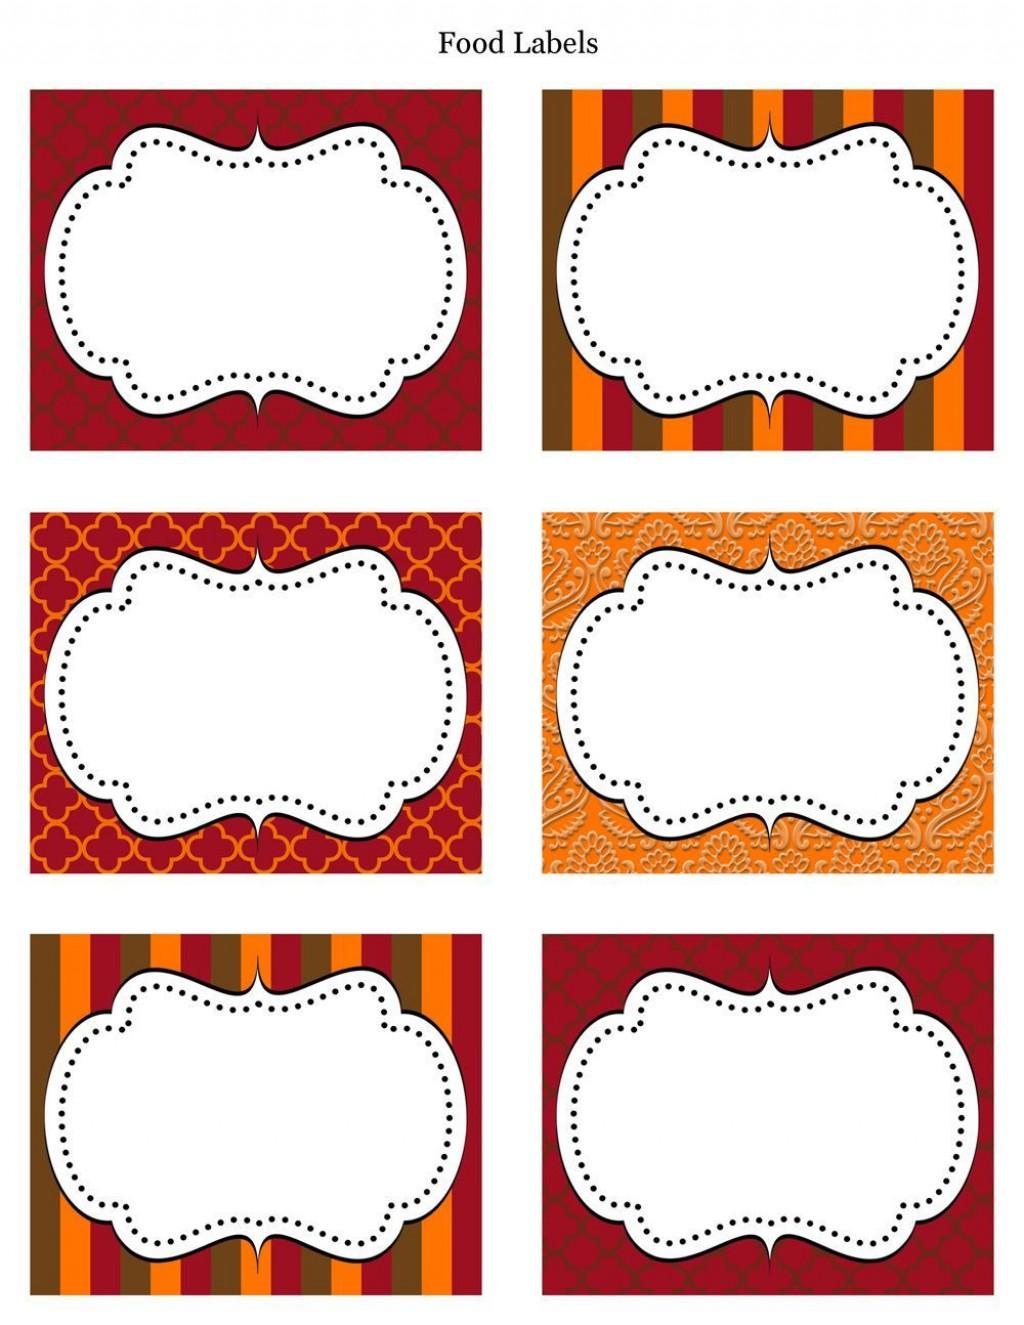 006 Impressive Free Food Label Design Template  Templates DownloadLarge